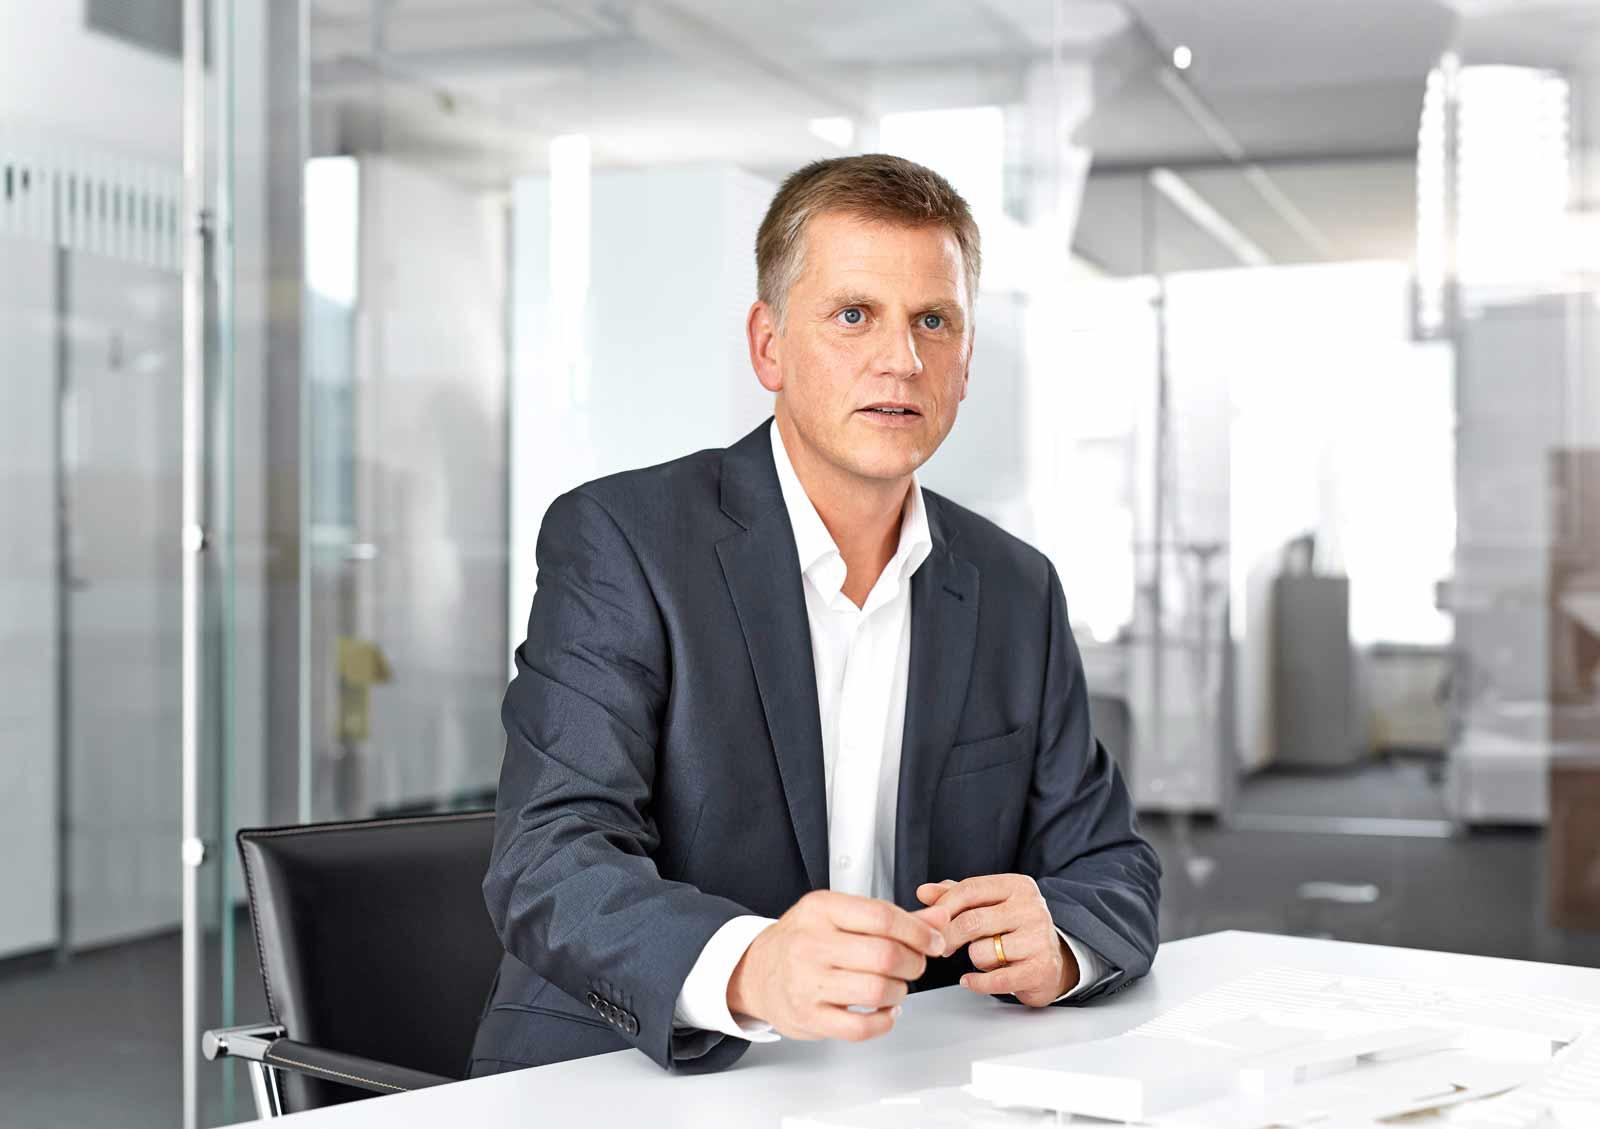 Architekt Dipl.-Ing. Matthias Wehrle, ATP-Partner und Geschäftsführer von ATP Zürich. Foto: ATP/Becker